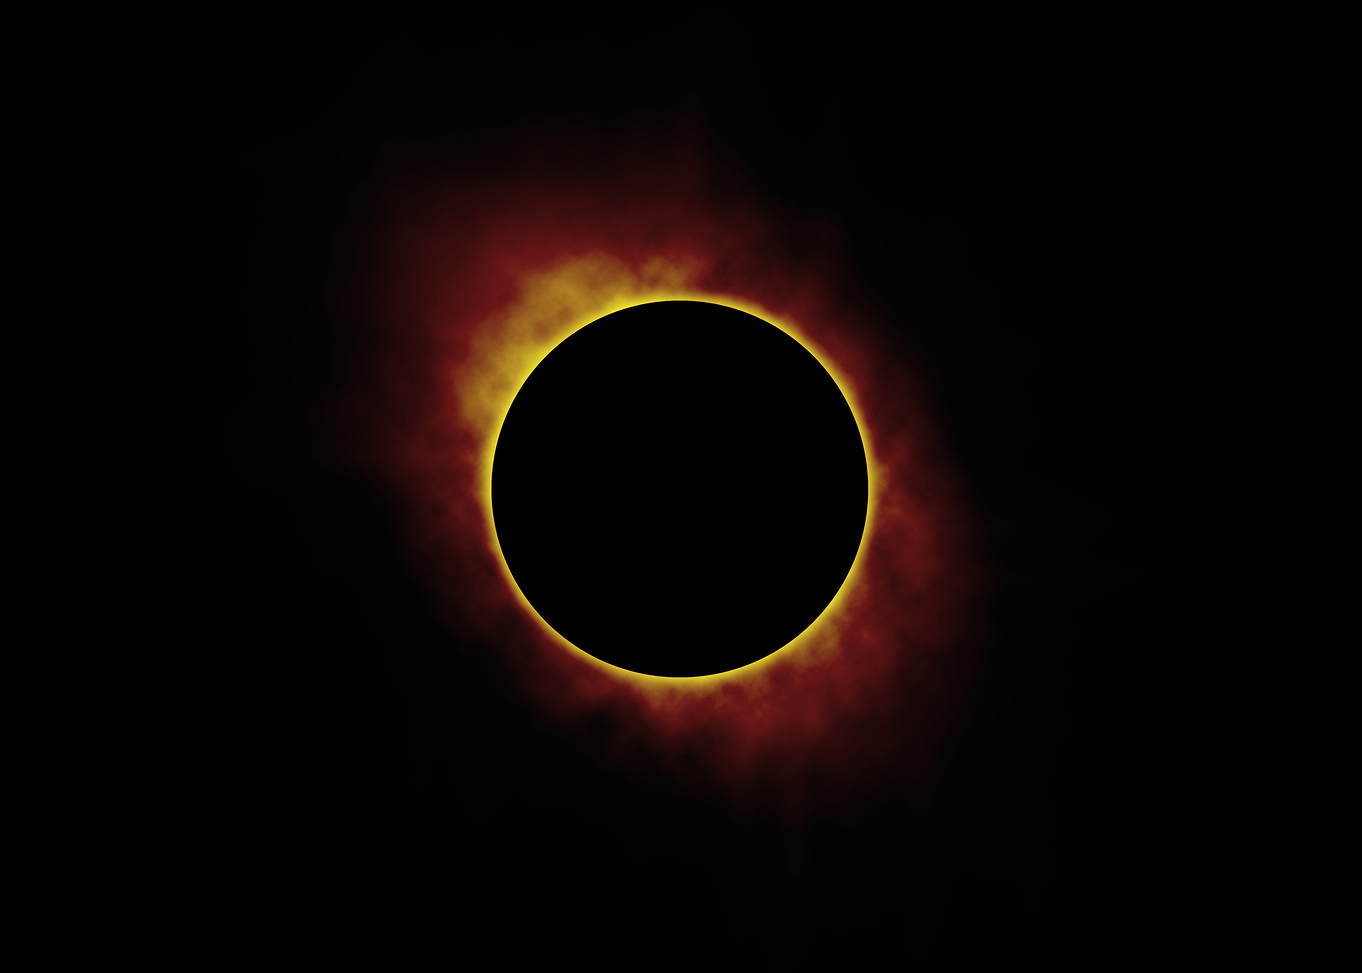 eclipse(700x500)